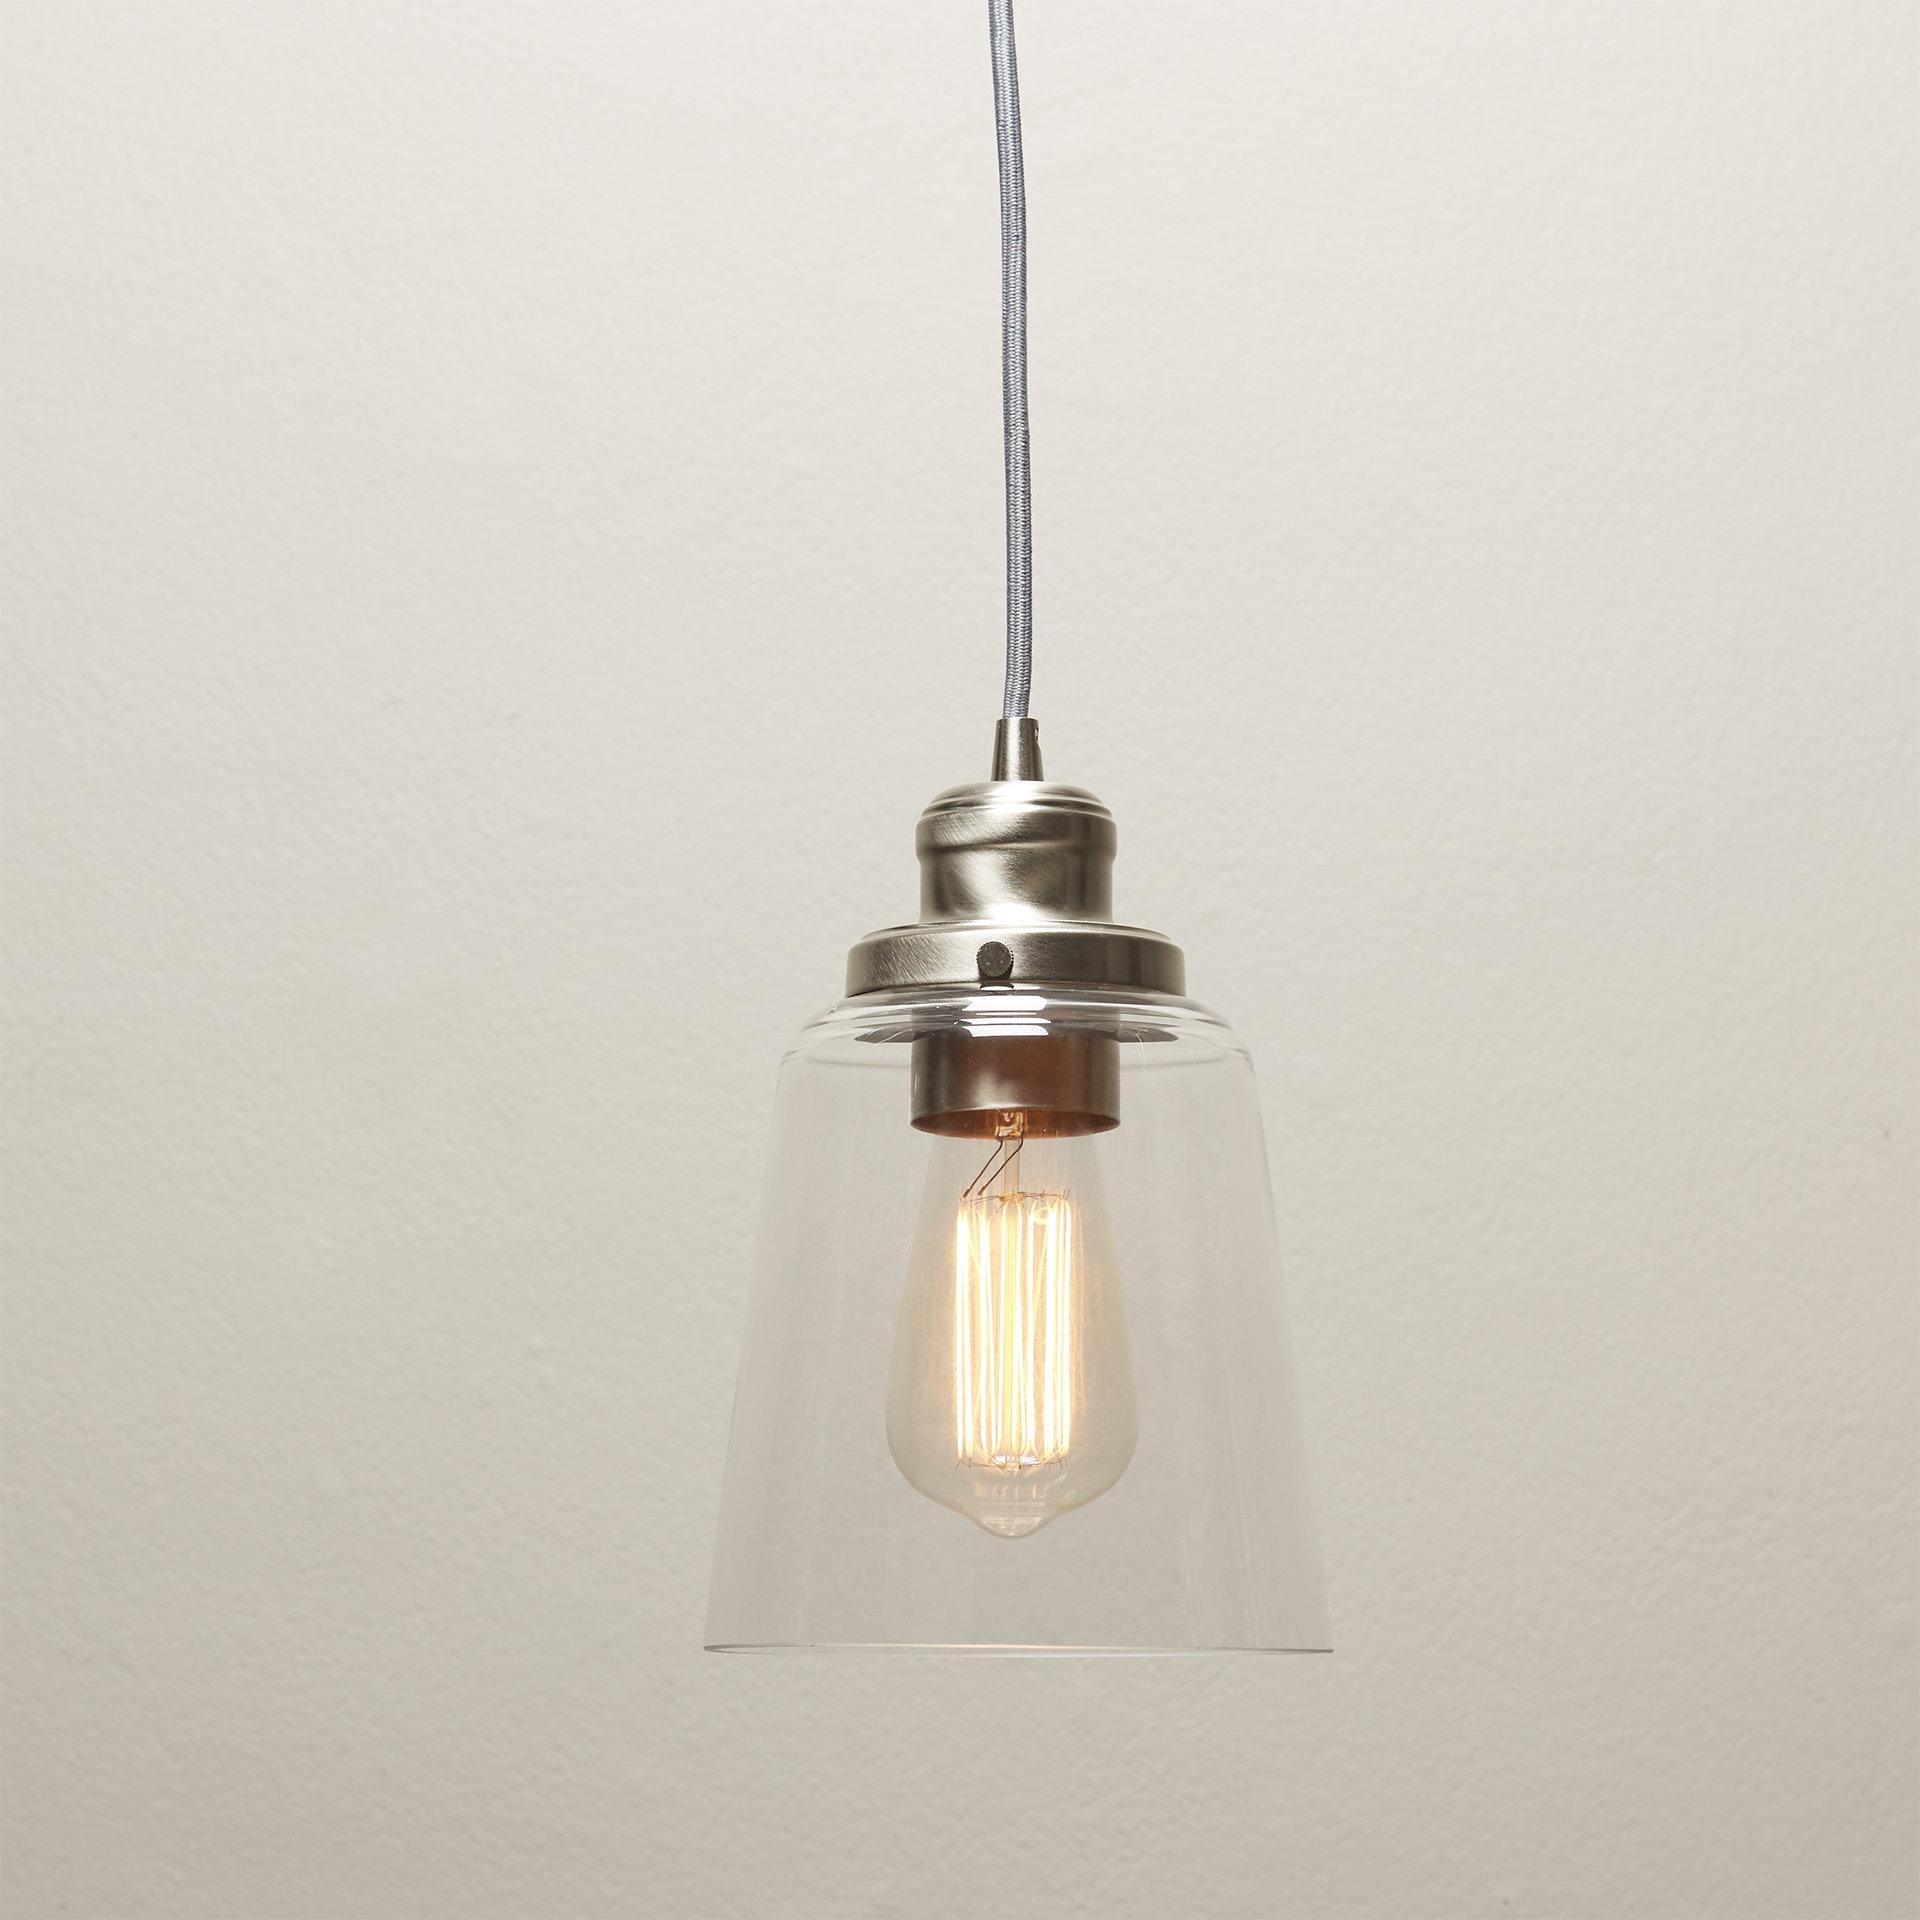 1-Light Single Bell Pendant intended for Moyer 1-Light Single Cylinder Pendants (Image 3 of 30)